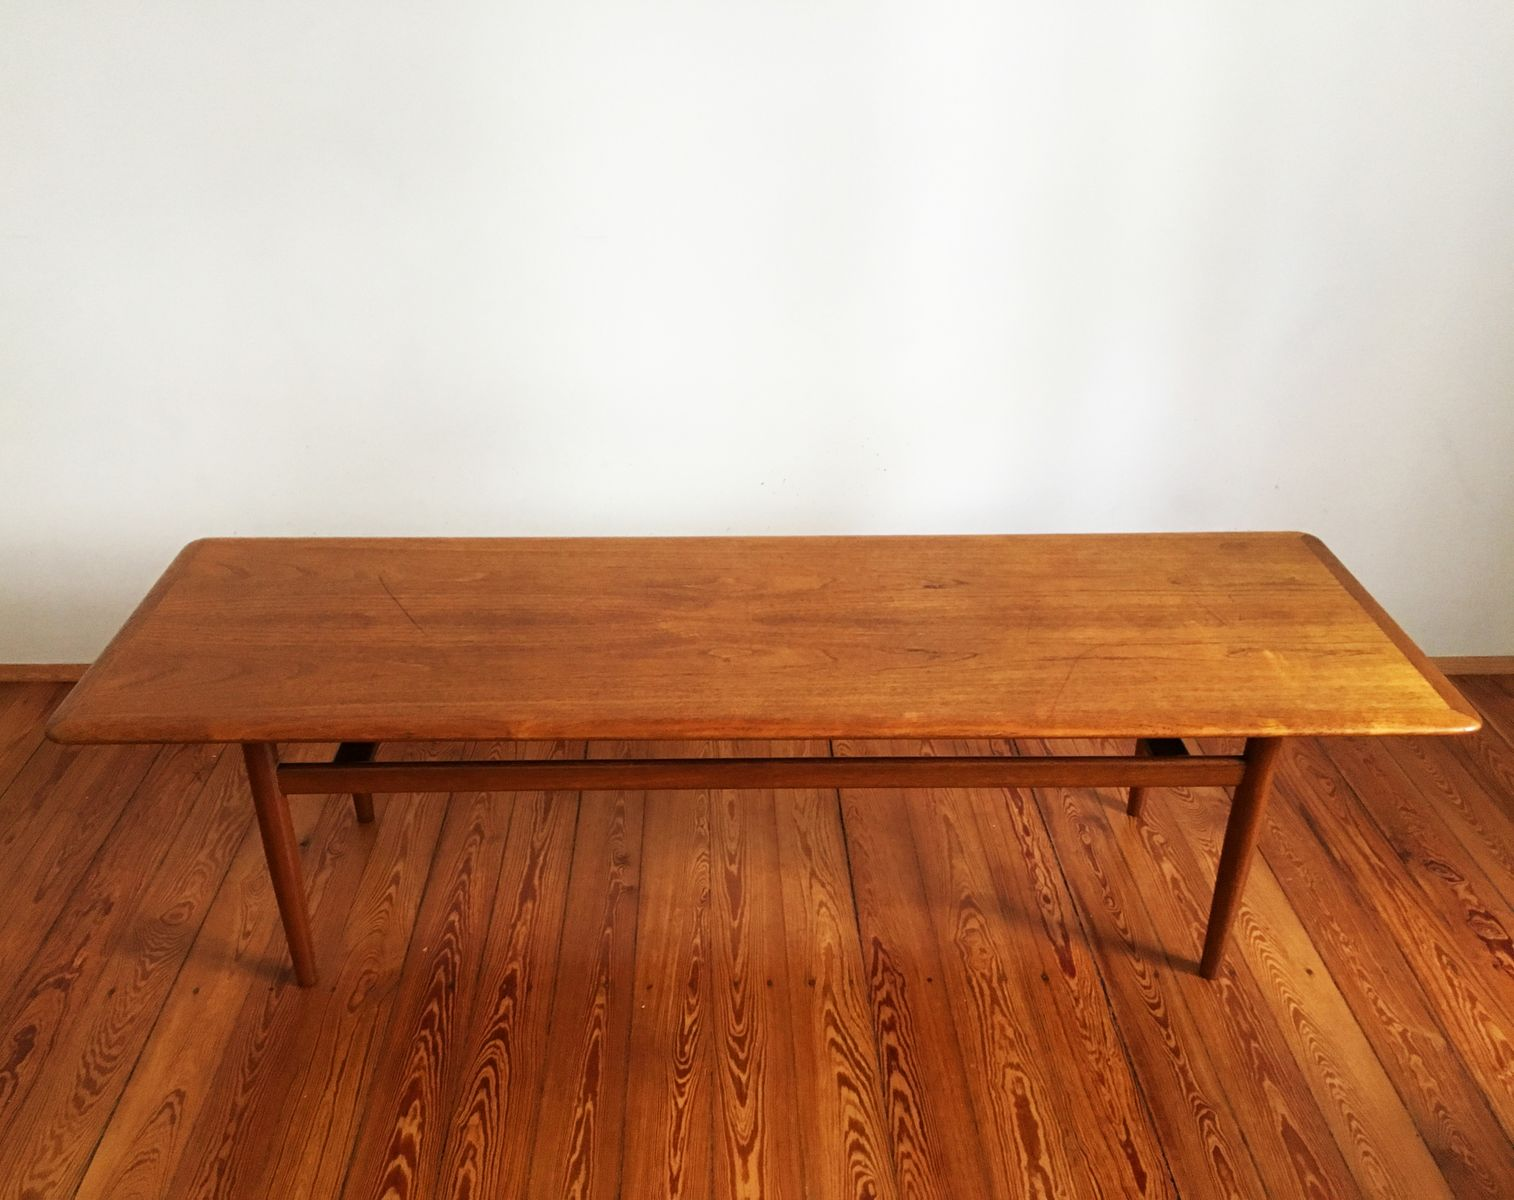 Large Mid-Century Teak Coffee Table - Large Mid-Century Teak Coffee Table For Sale At Pamono